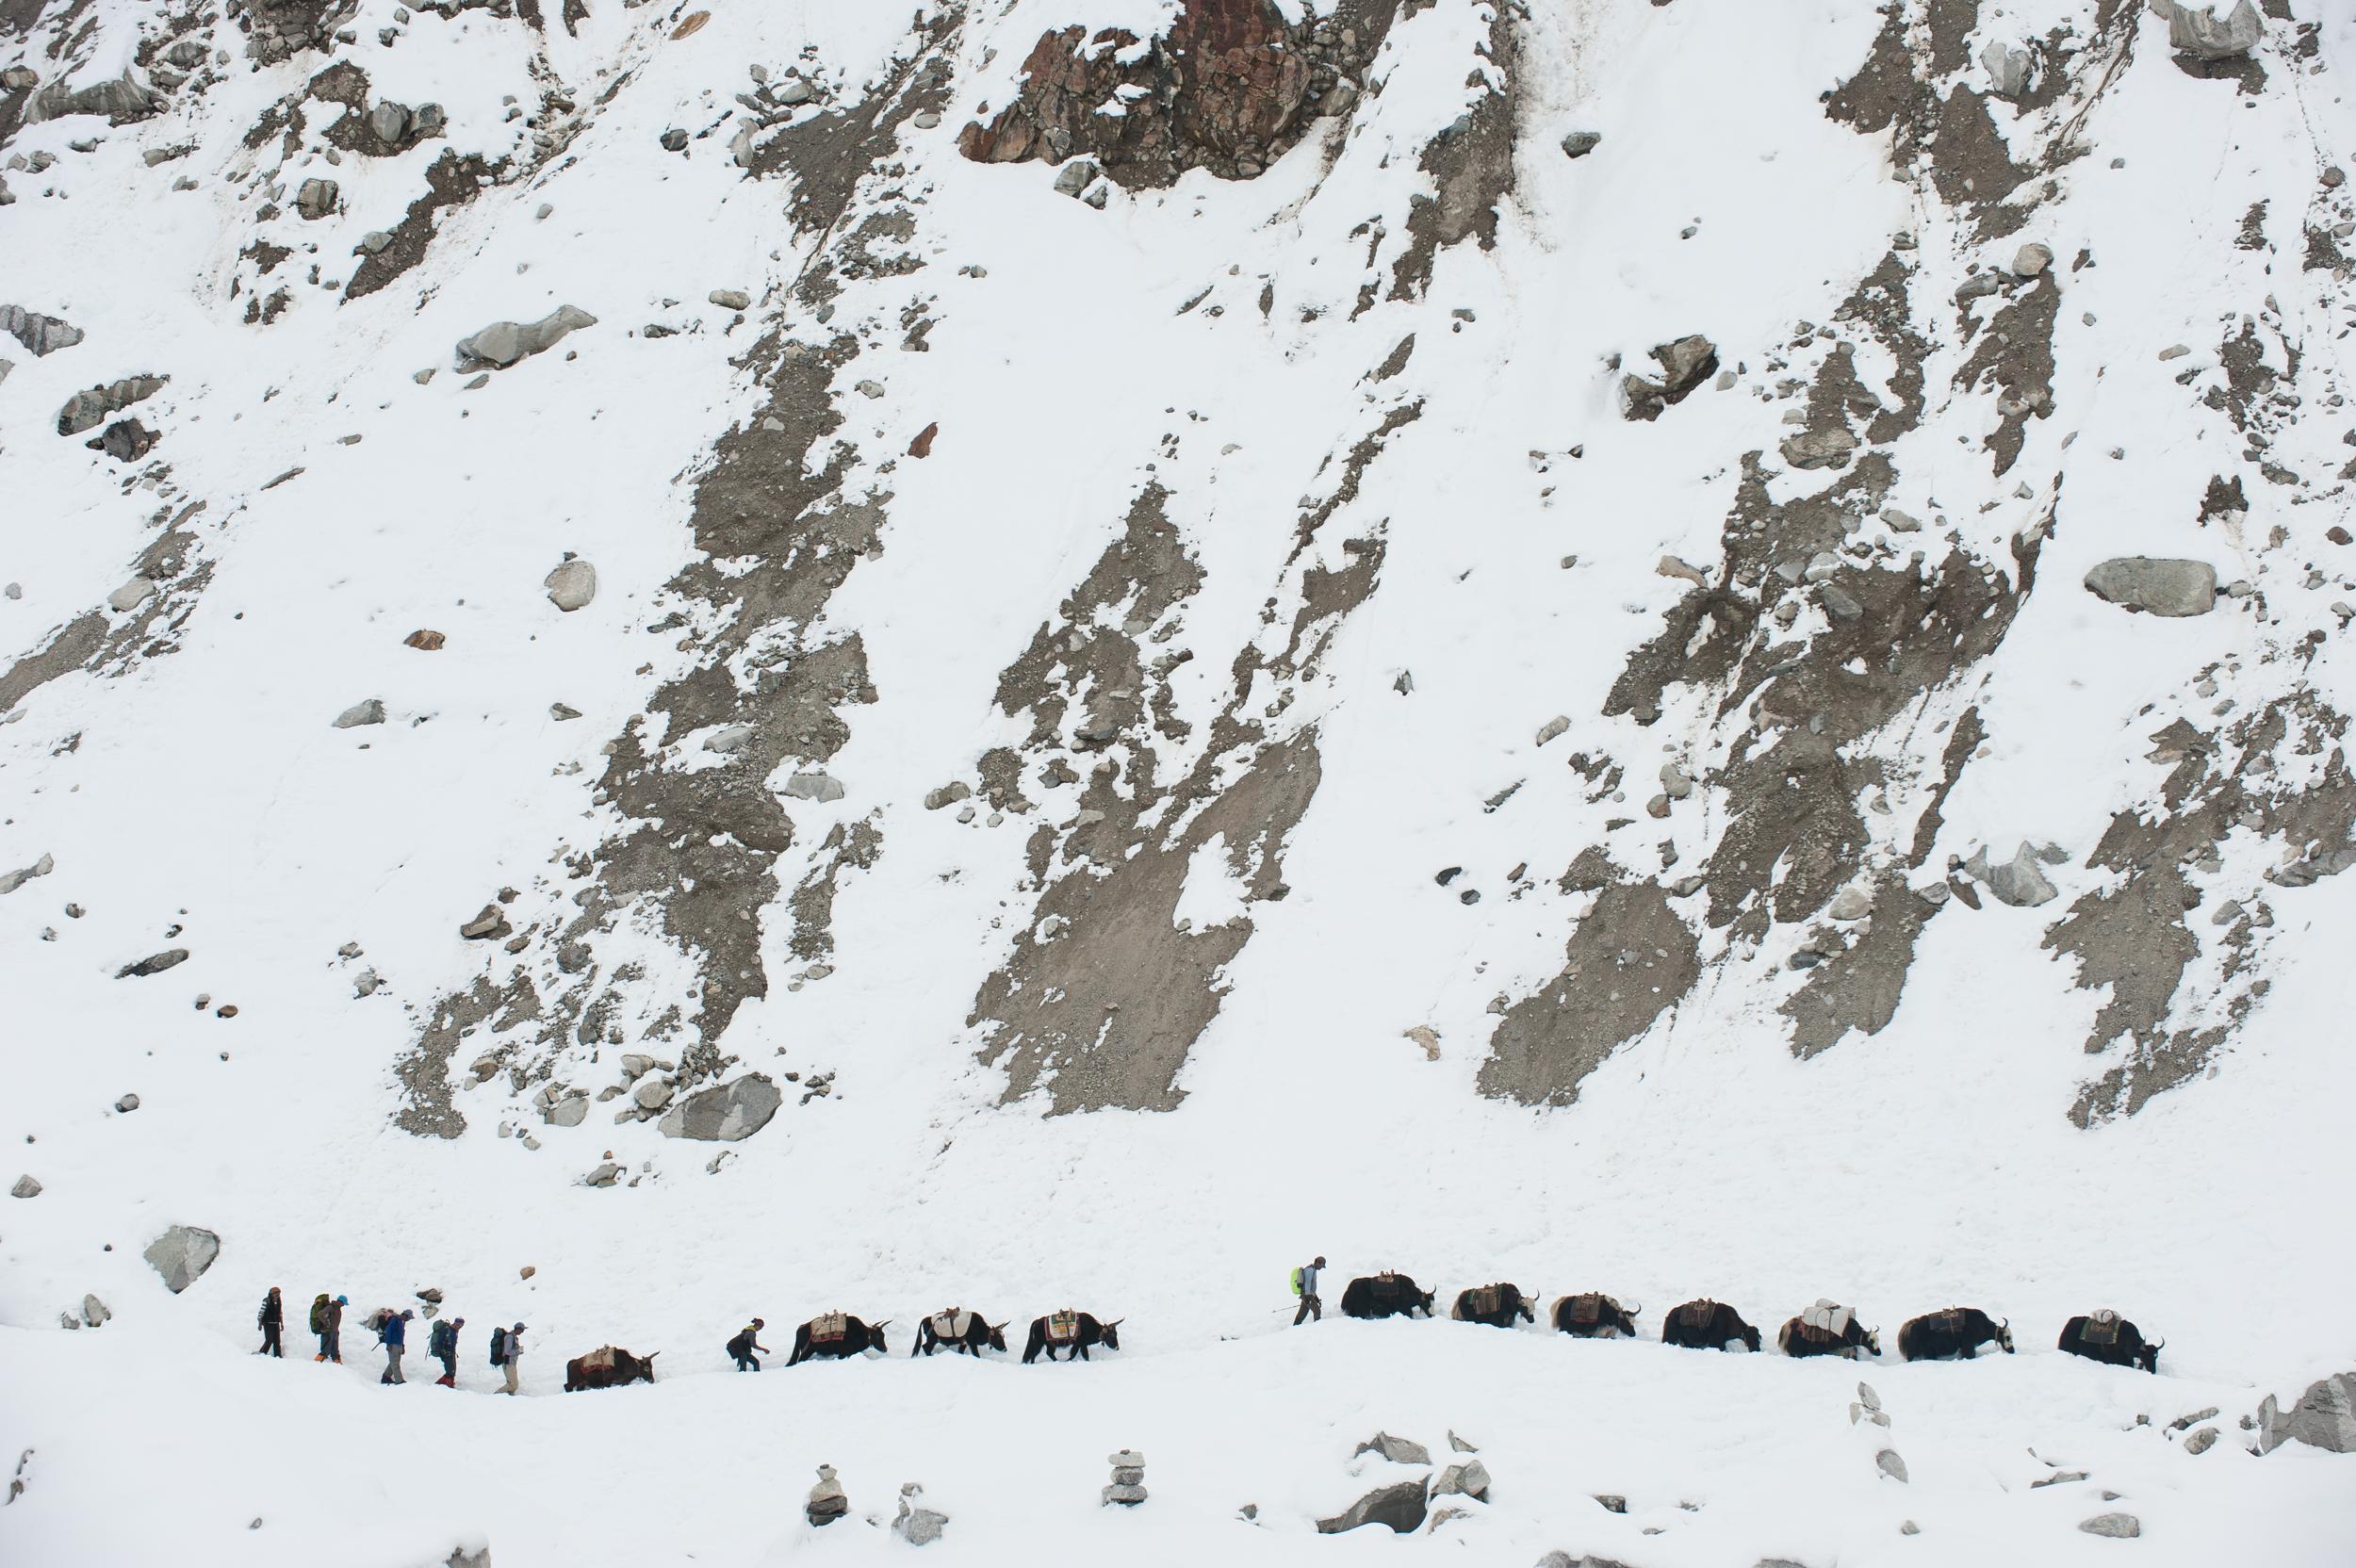 Yaks, Khumbu, Nepal